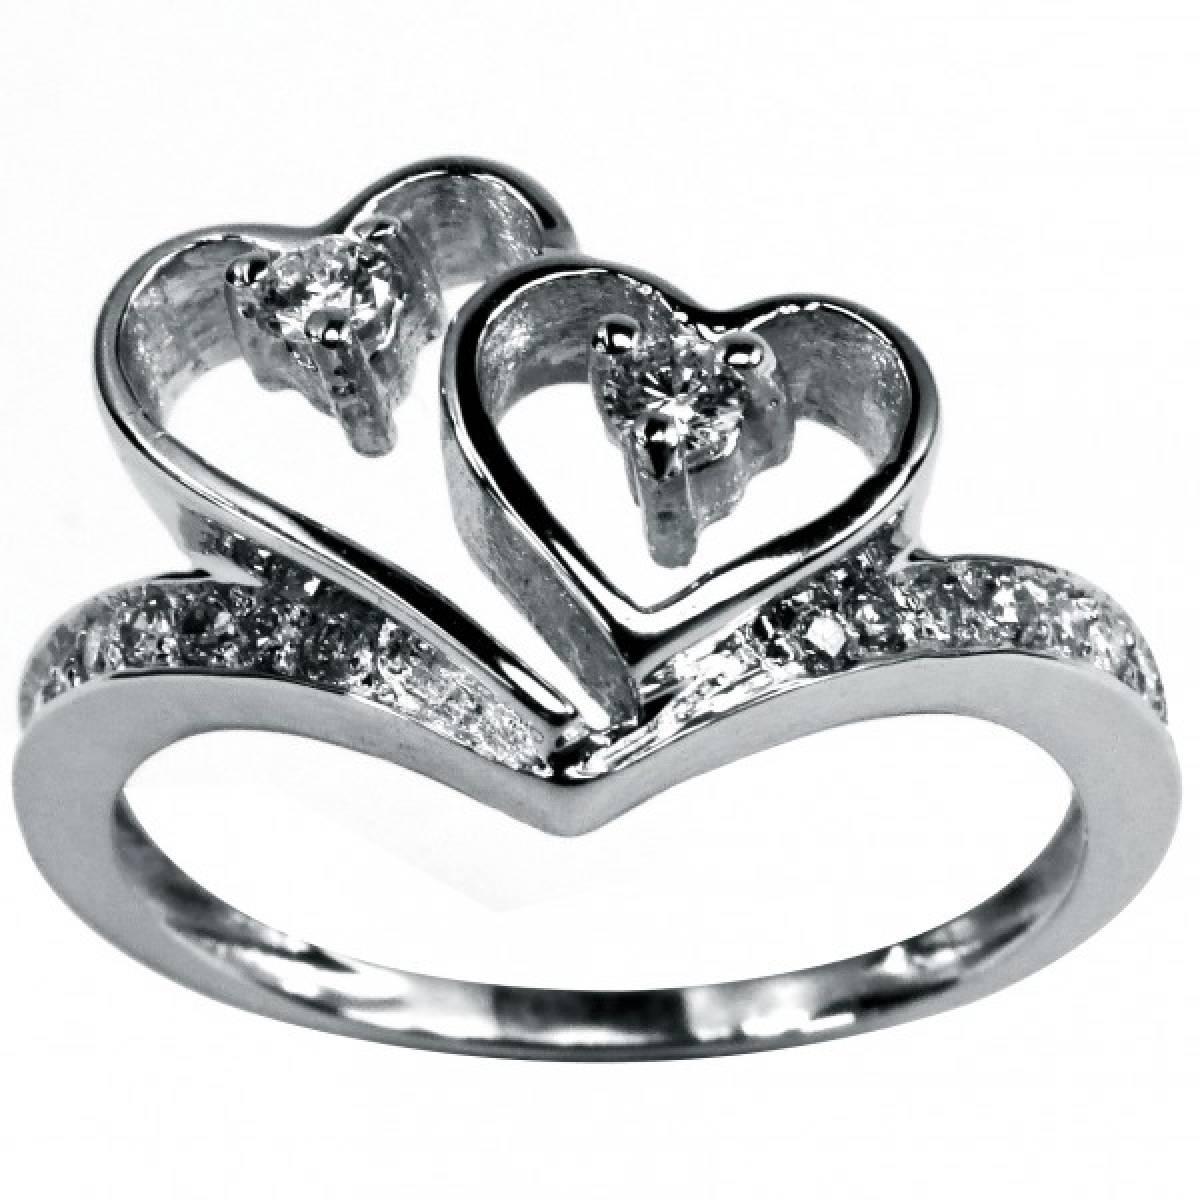 Anel de Noivado com diamantes ou zircónias, em ouro de 9 ou 19,2 kts